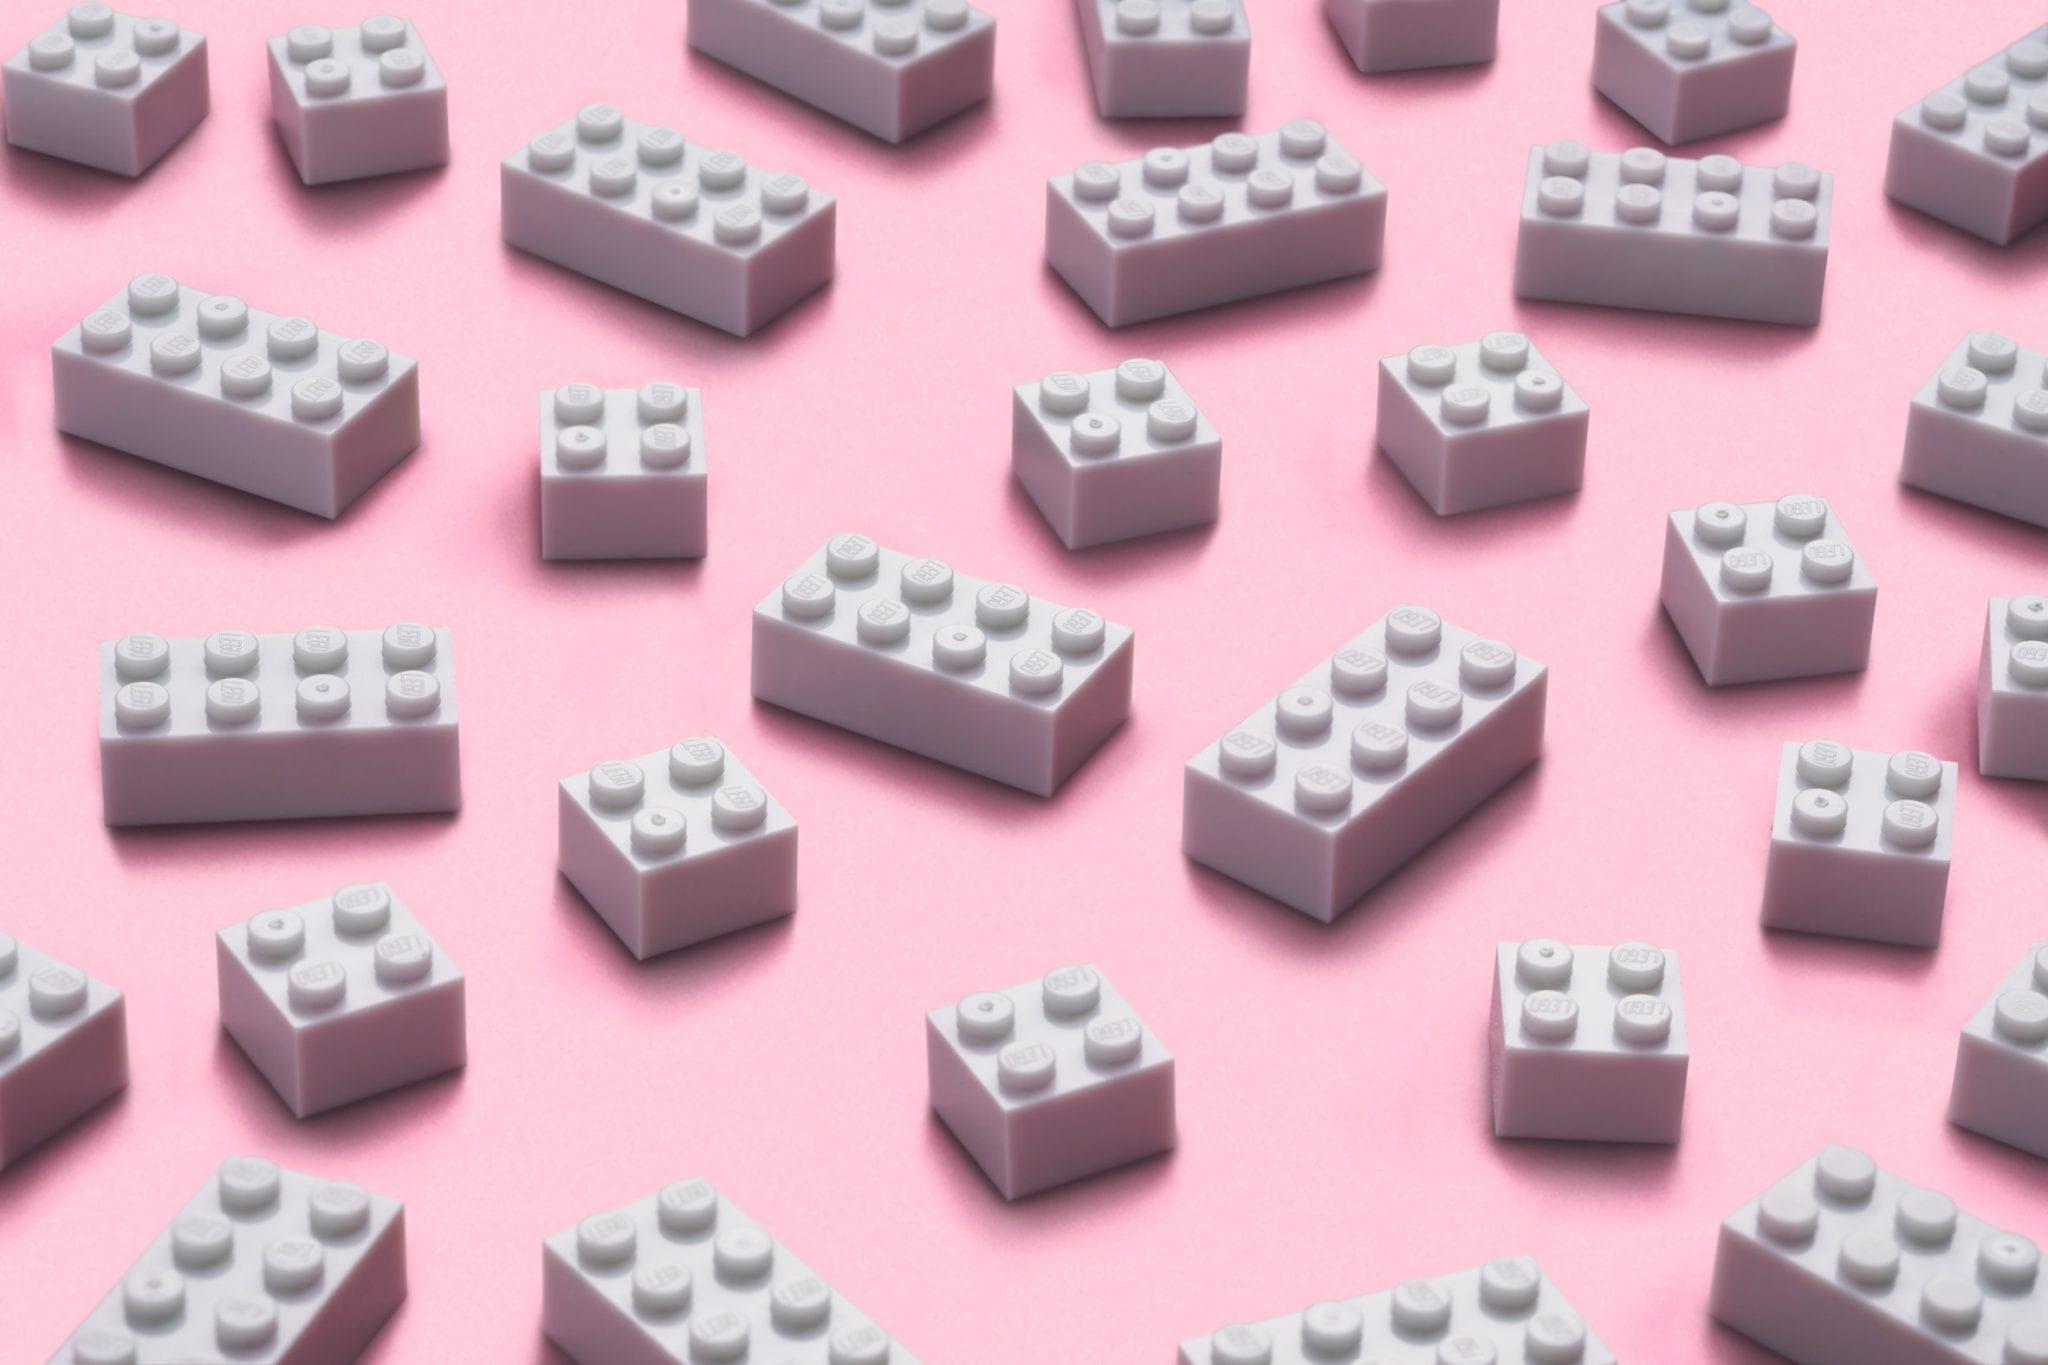 fehér lego elemek pet palackból minimag